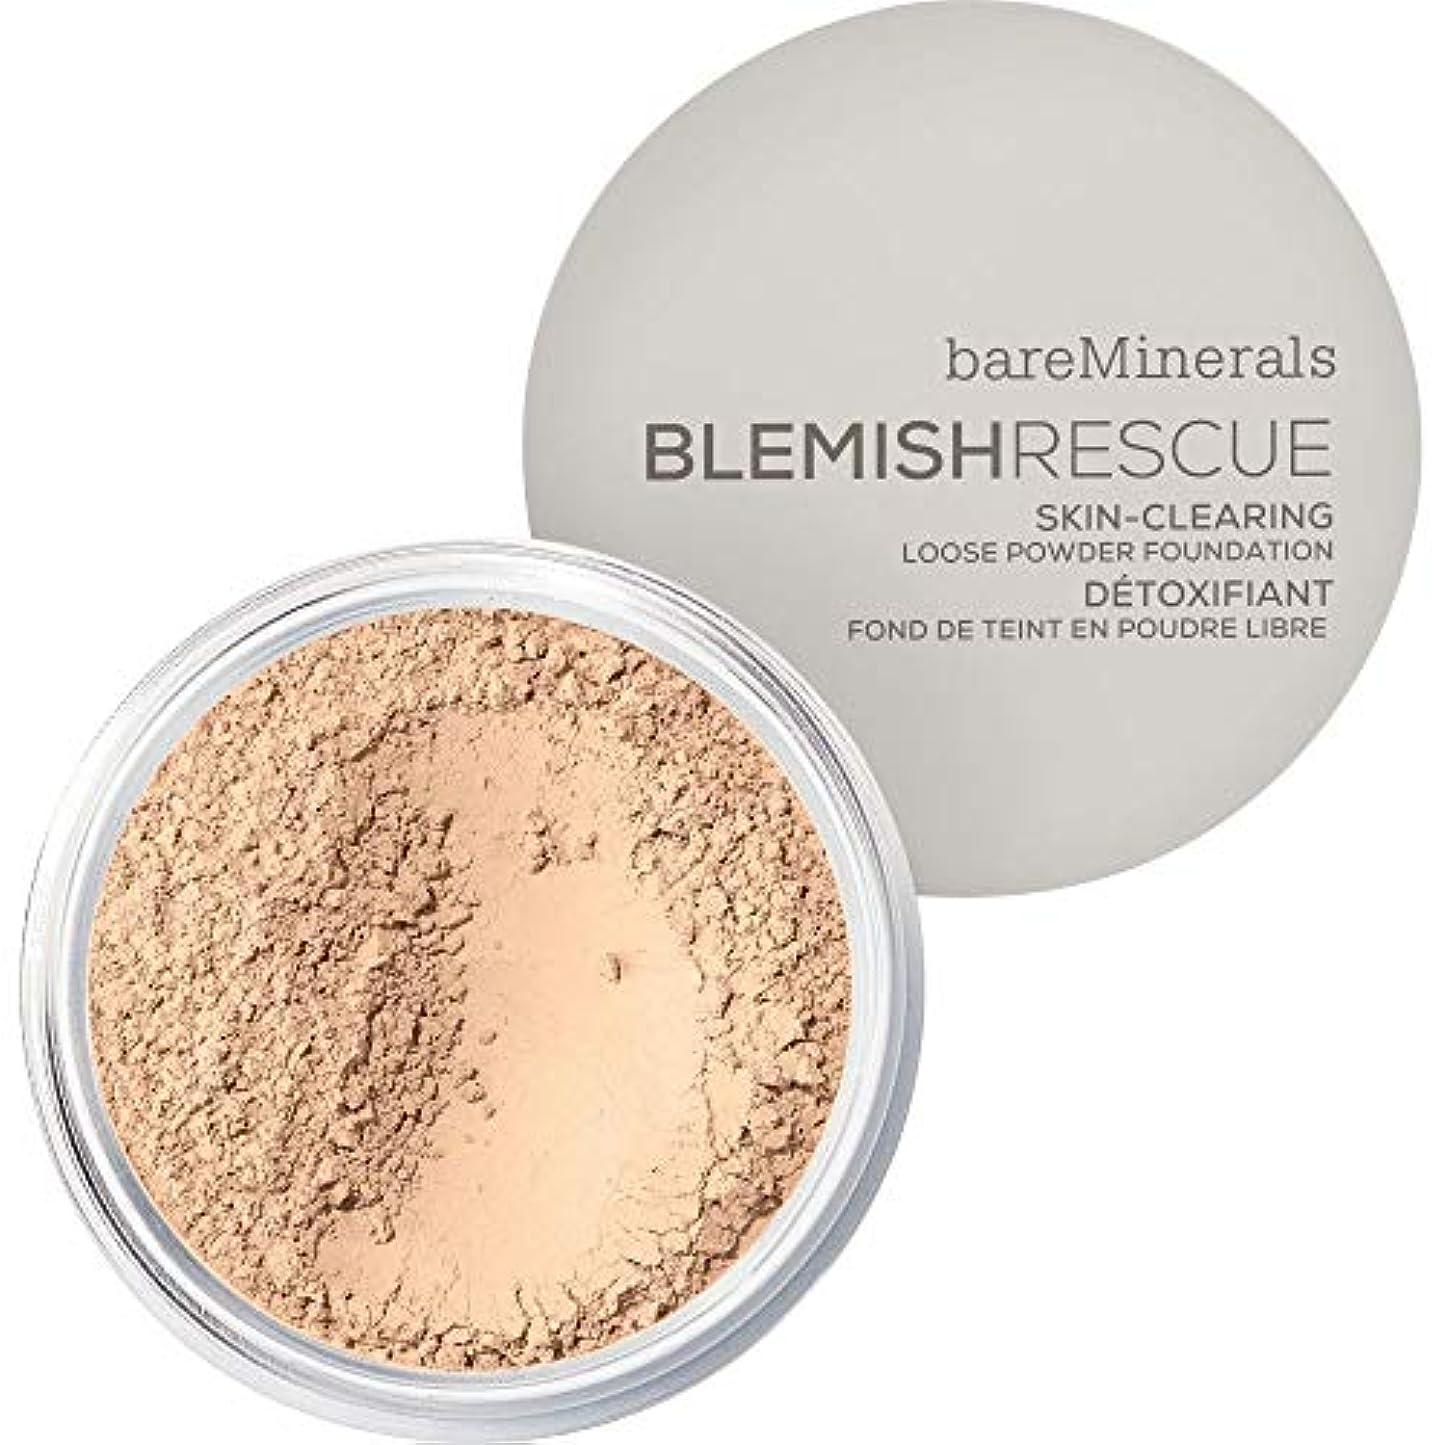 推進力何でも満足できる[bareMinerals ] かなり光 - ベアミネラルは、レスキュースキンクリア緩いパウダーファンデーション6グラム1Nwが傷 - bareMinerals Blemish Rescue Skin-Clearing Loose Powder Foundation 6g 1NW - Fairly Light [並行輸入品]